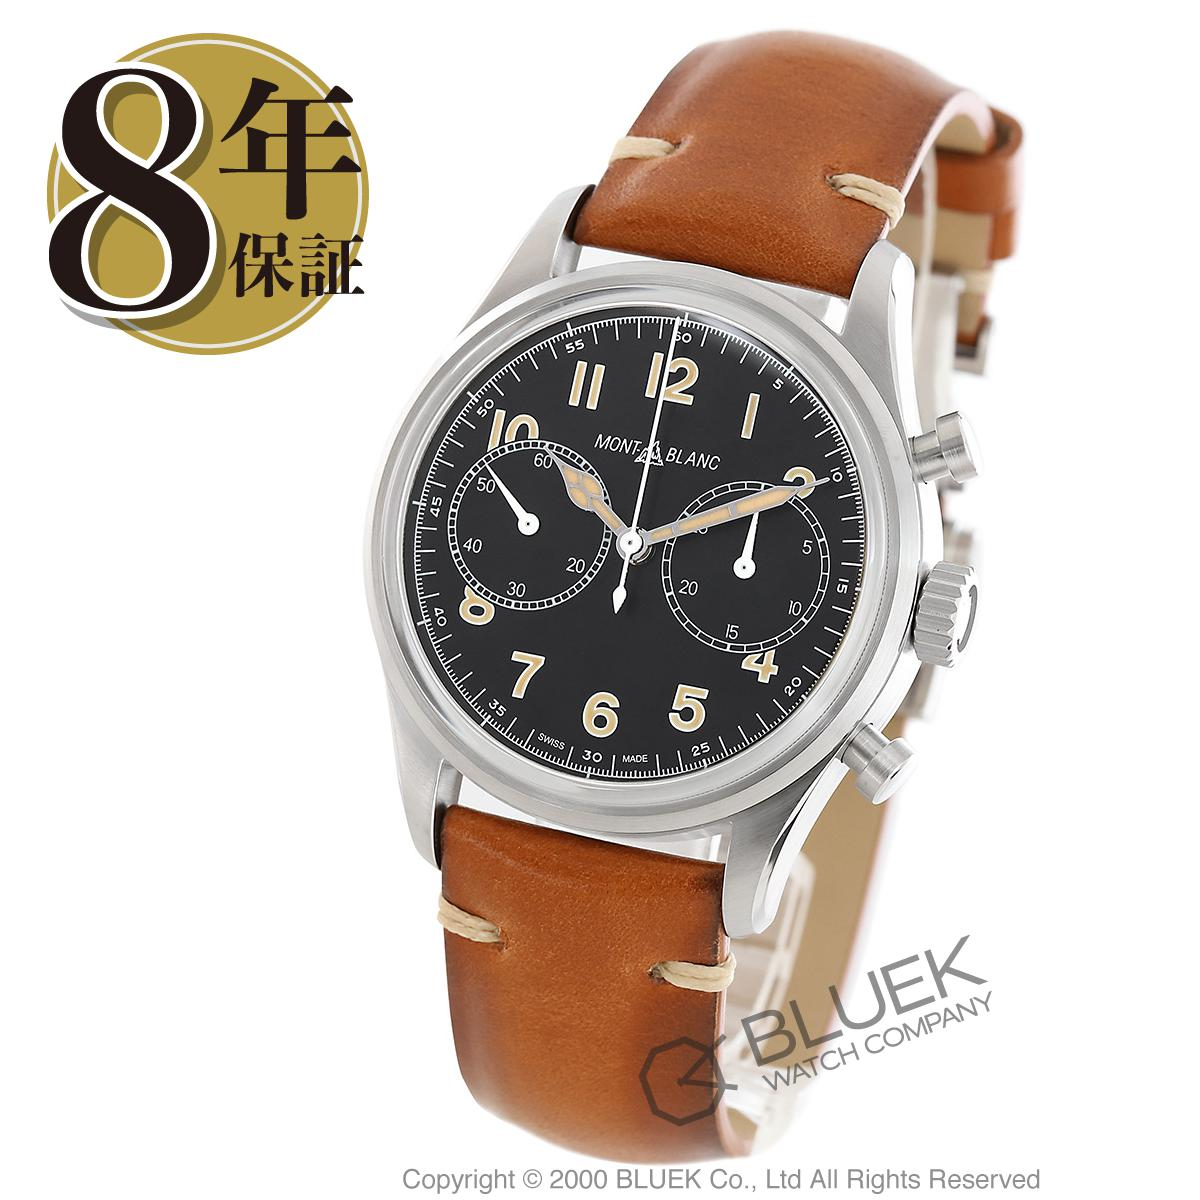 9ffe3cb94e 【6,000円OFFクーポン対象】モンブラン 1858 クロノグラフ 腕時計 メンズ MONTBLANC 117836_8